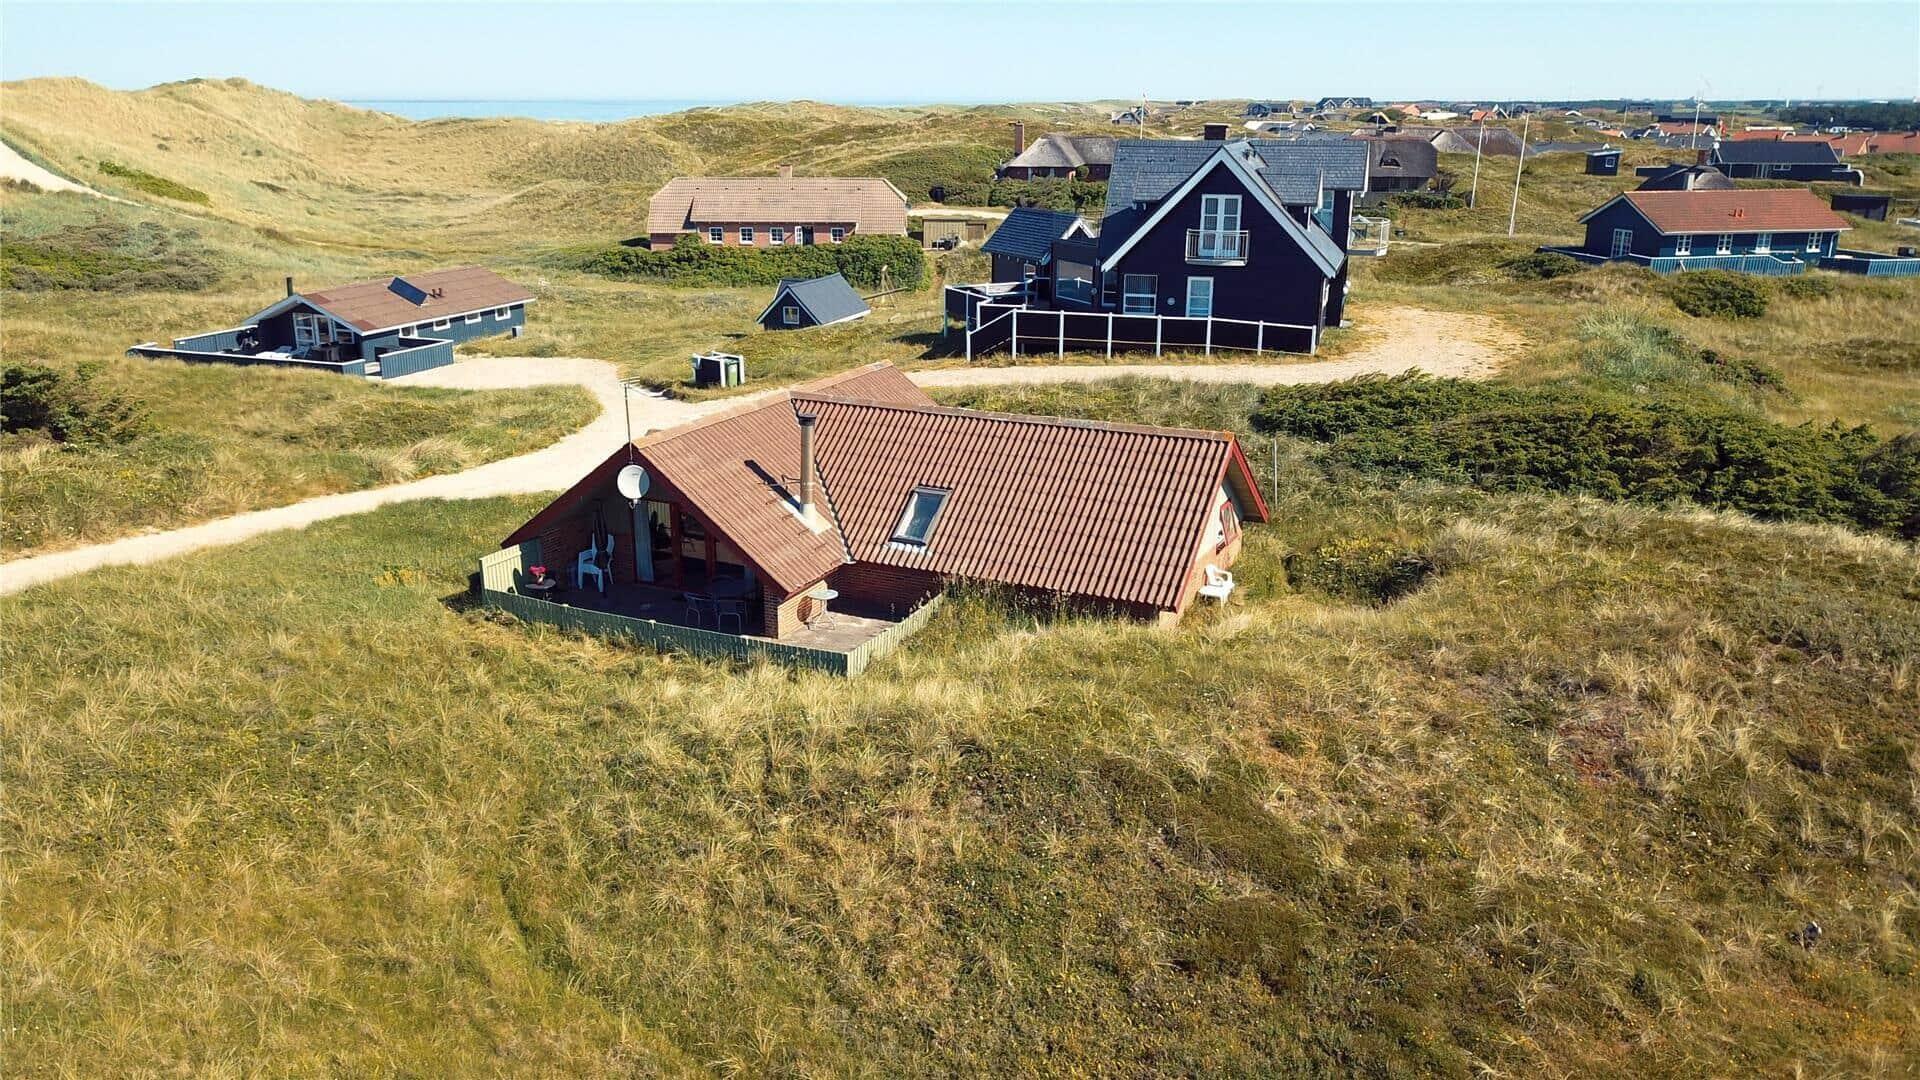 Billede 1-20 Sommerhus 120, Værmlandvej 26, DK - 7673 Harboøre